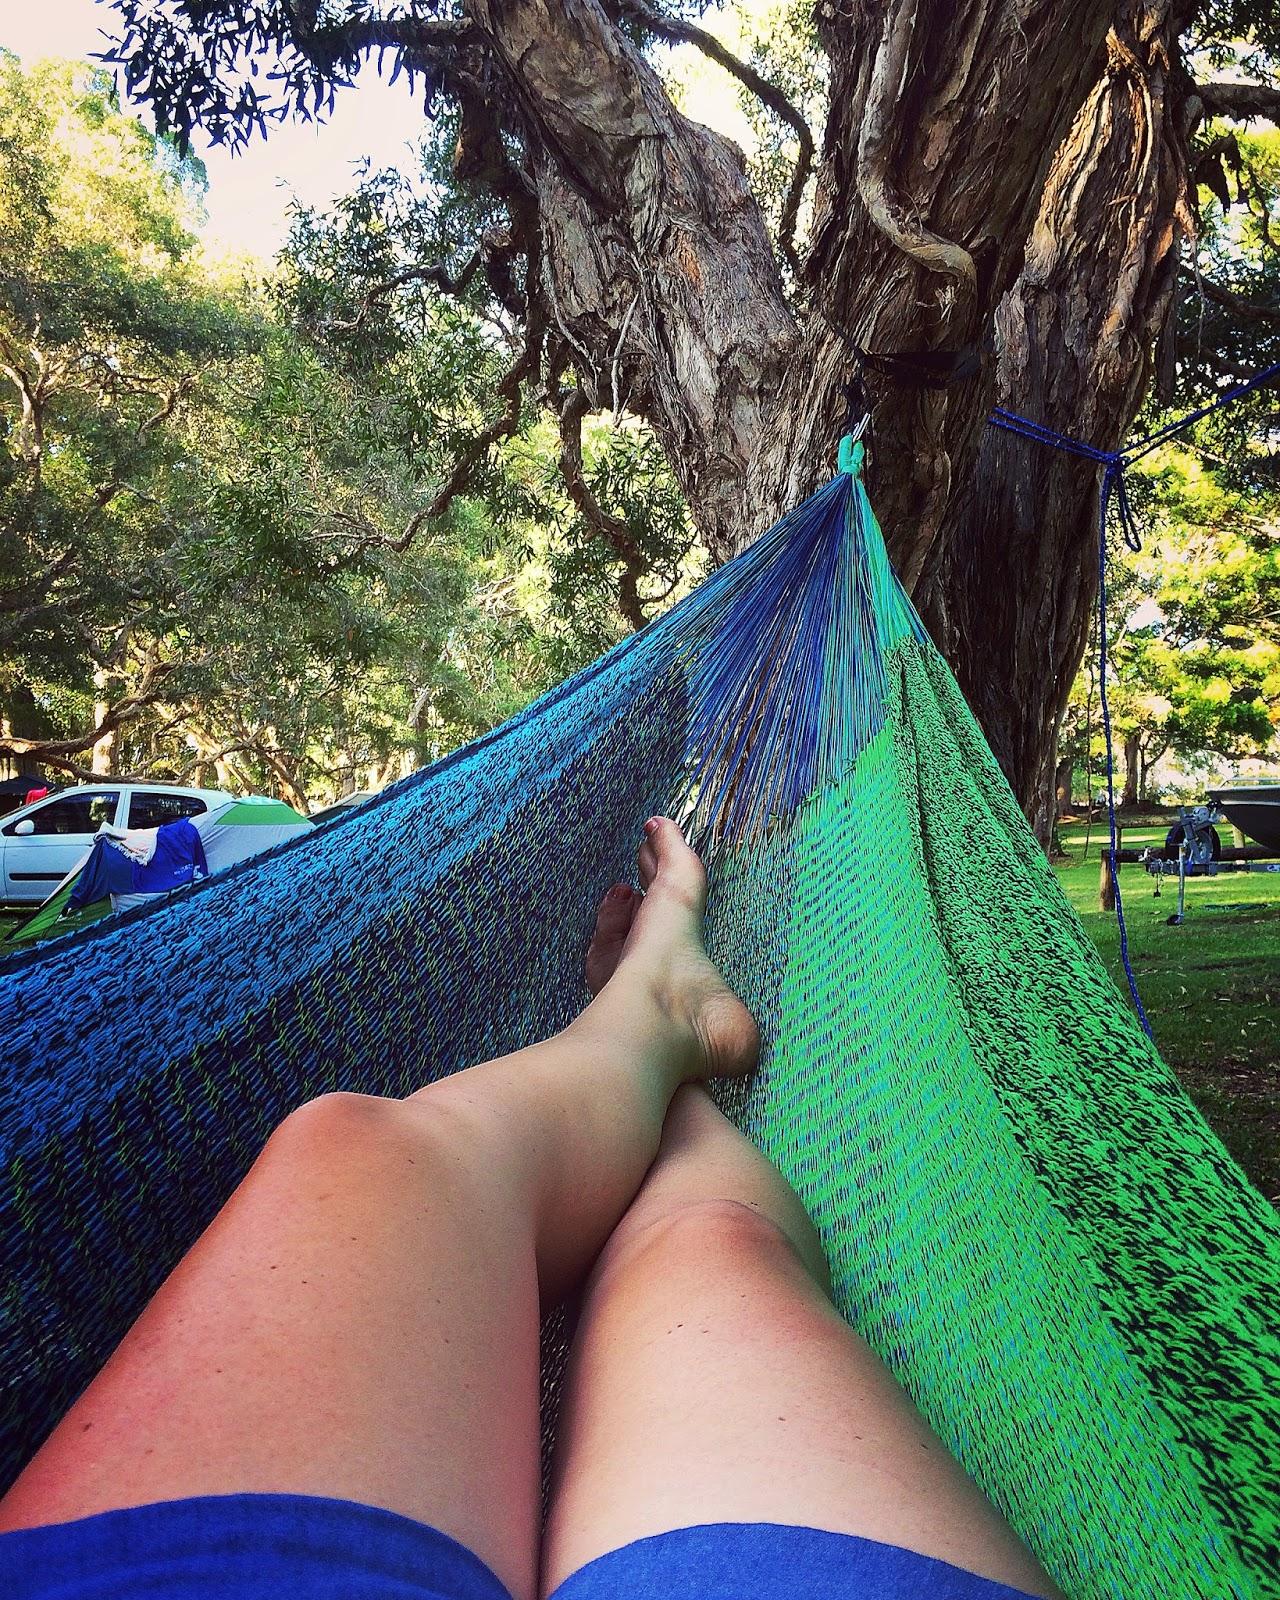 Relaxing in West Coast Hammocks